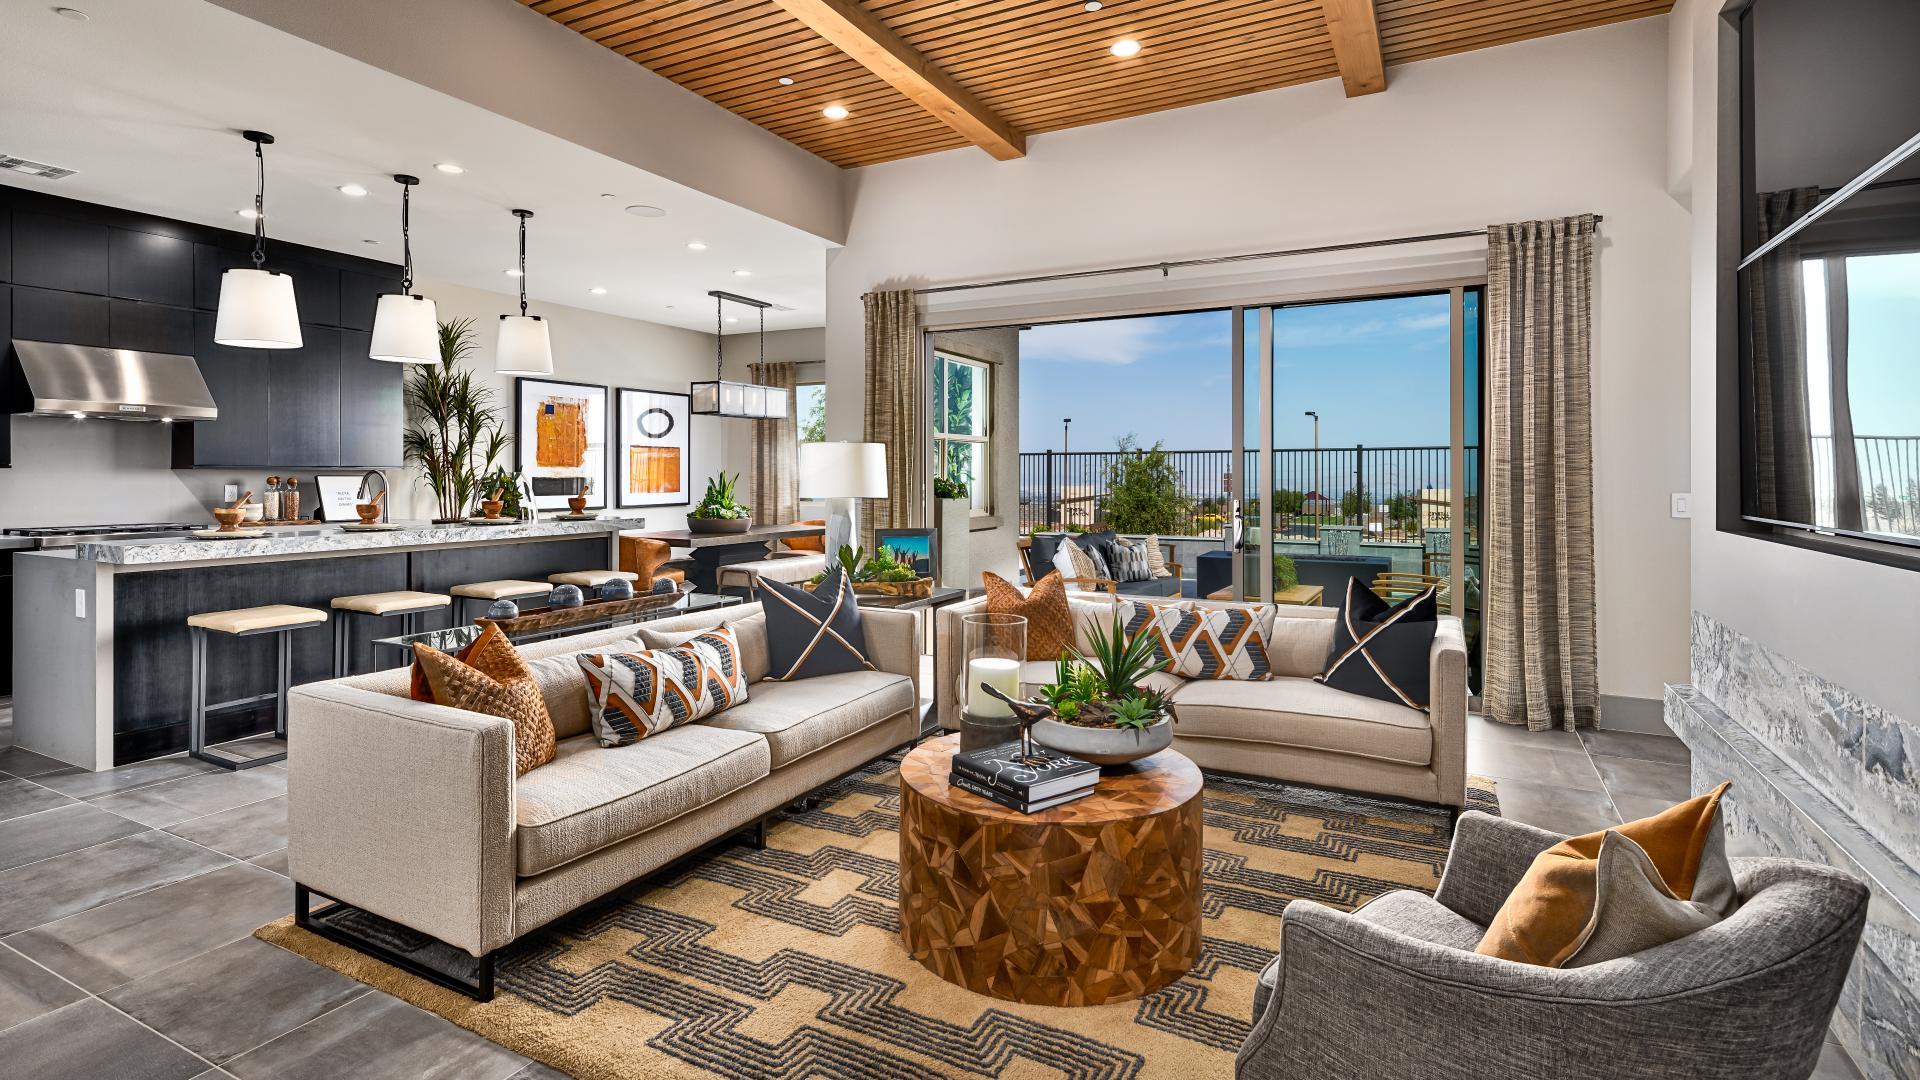 All home designs offer an open-concept floor plan